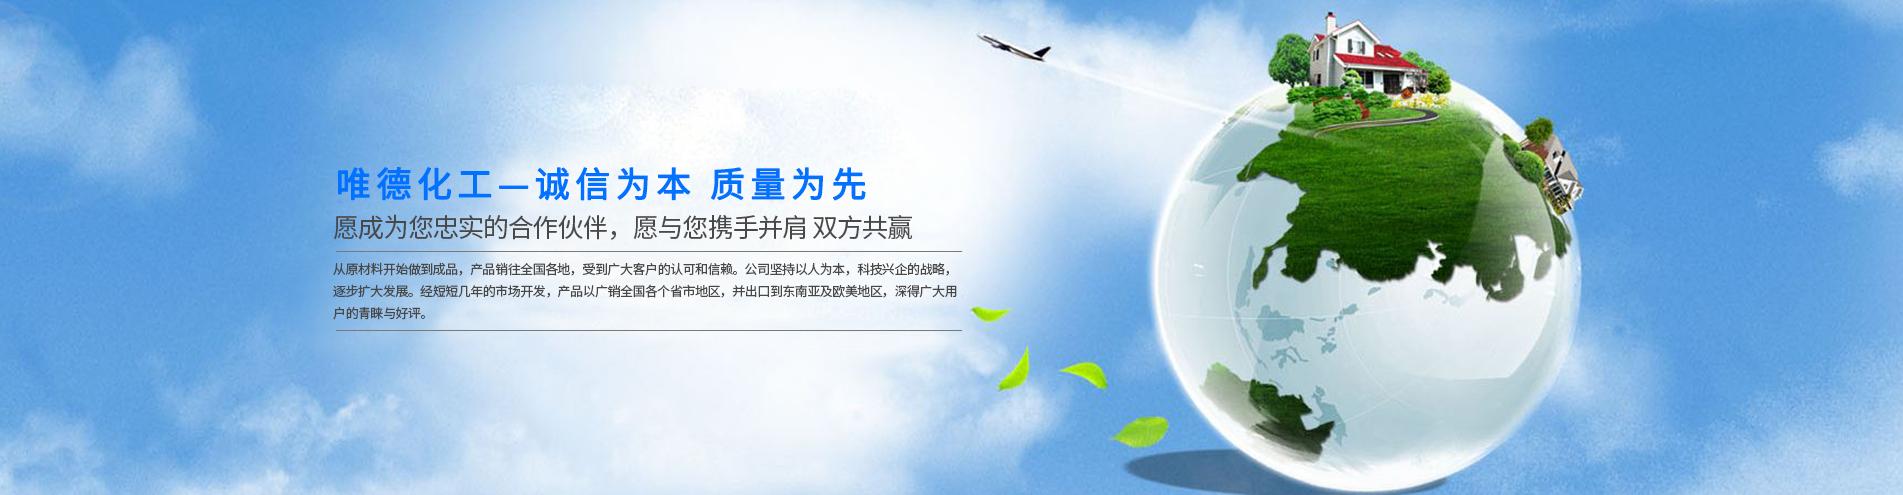 PVC增塑剂